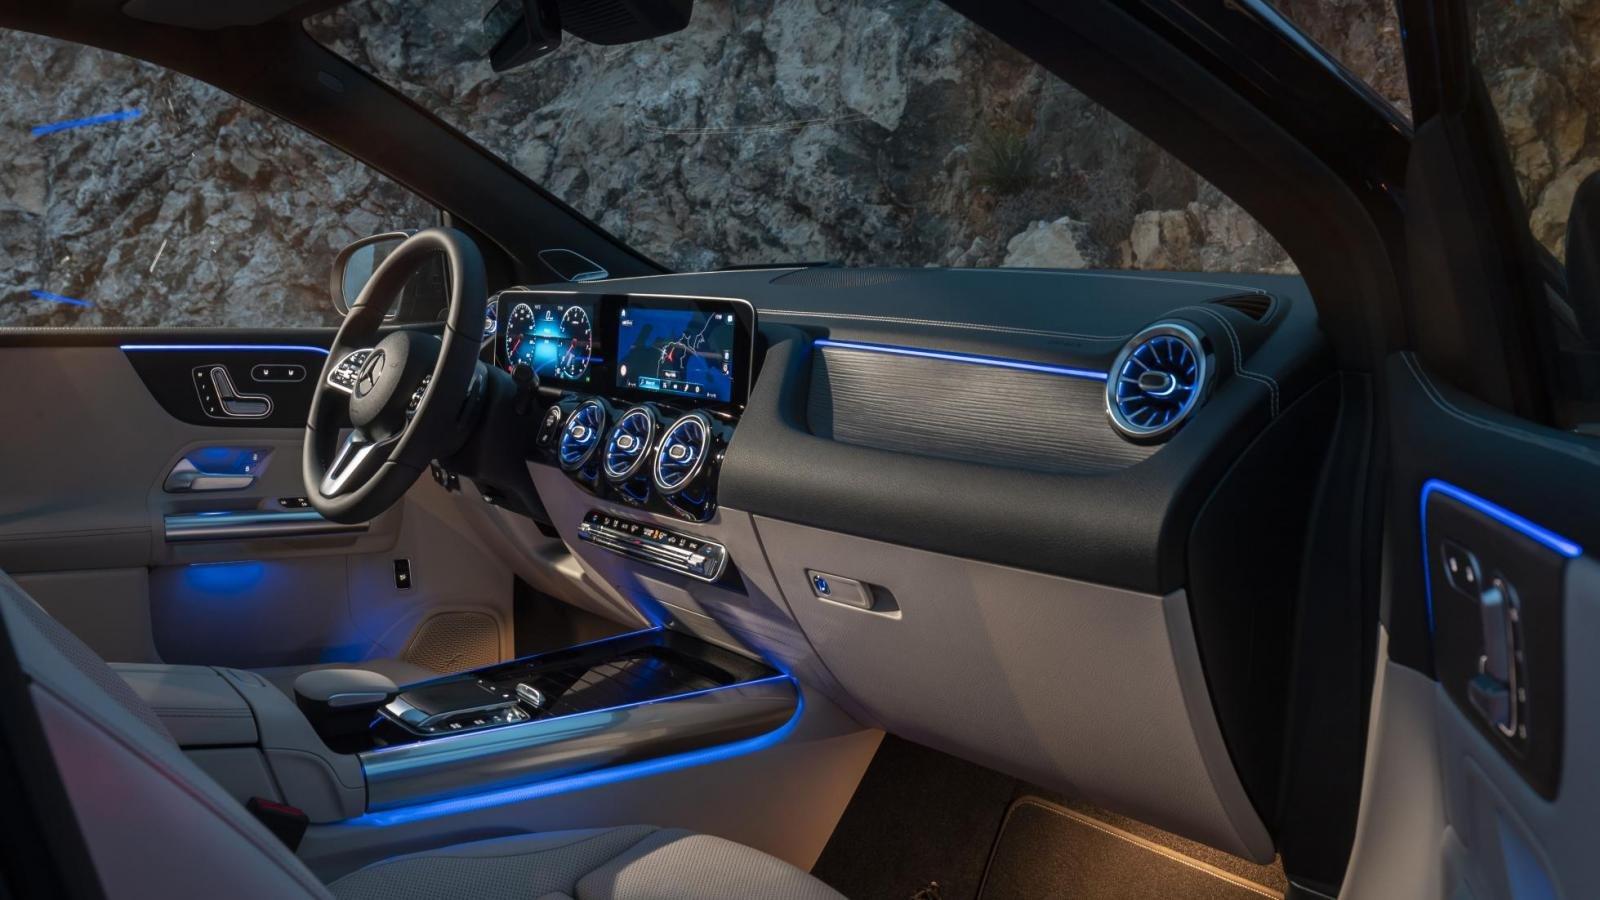 Đánh giá xe Mercedes-Benz B-Class 2020 về trang bị tiện nghi: góc 3/4 nội thất